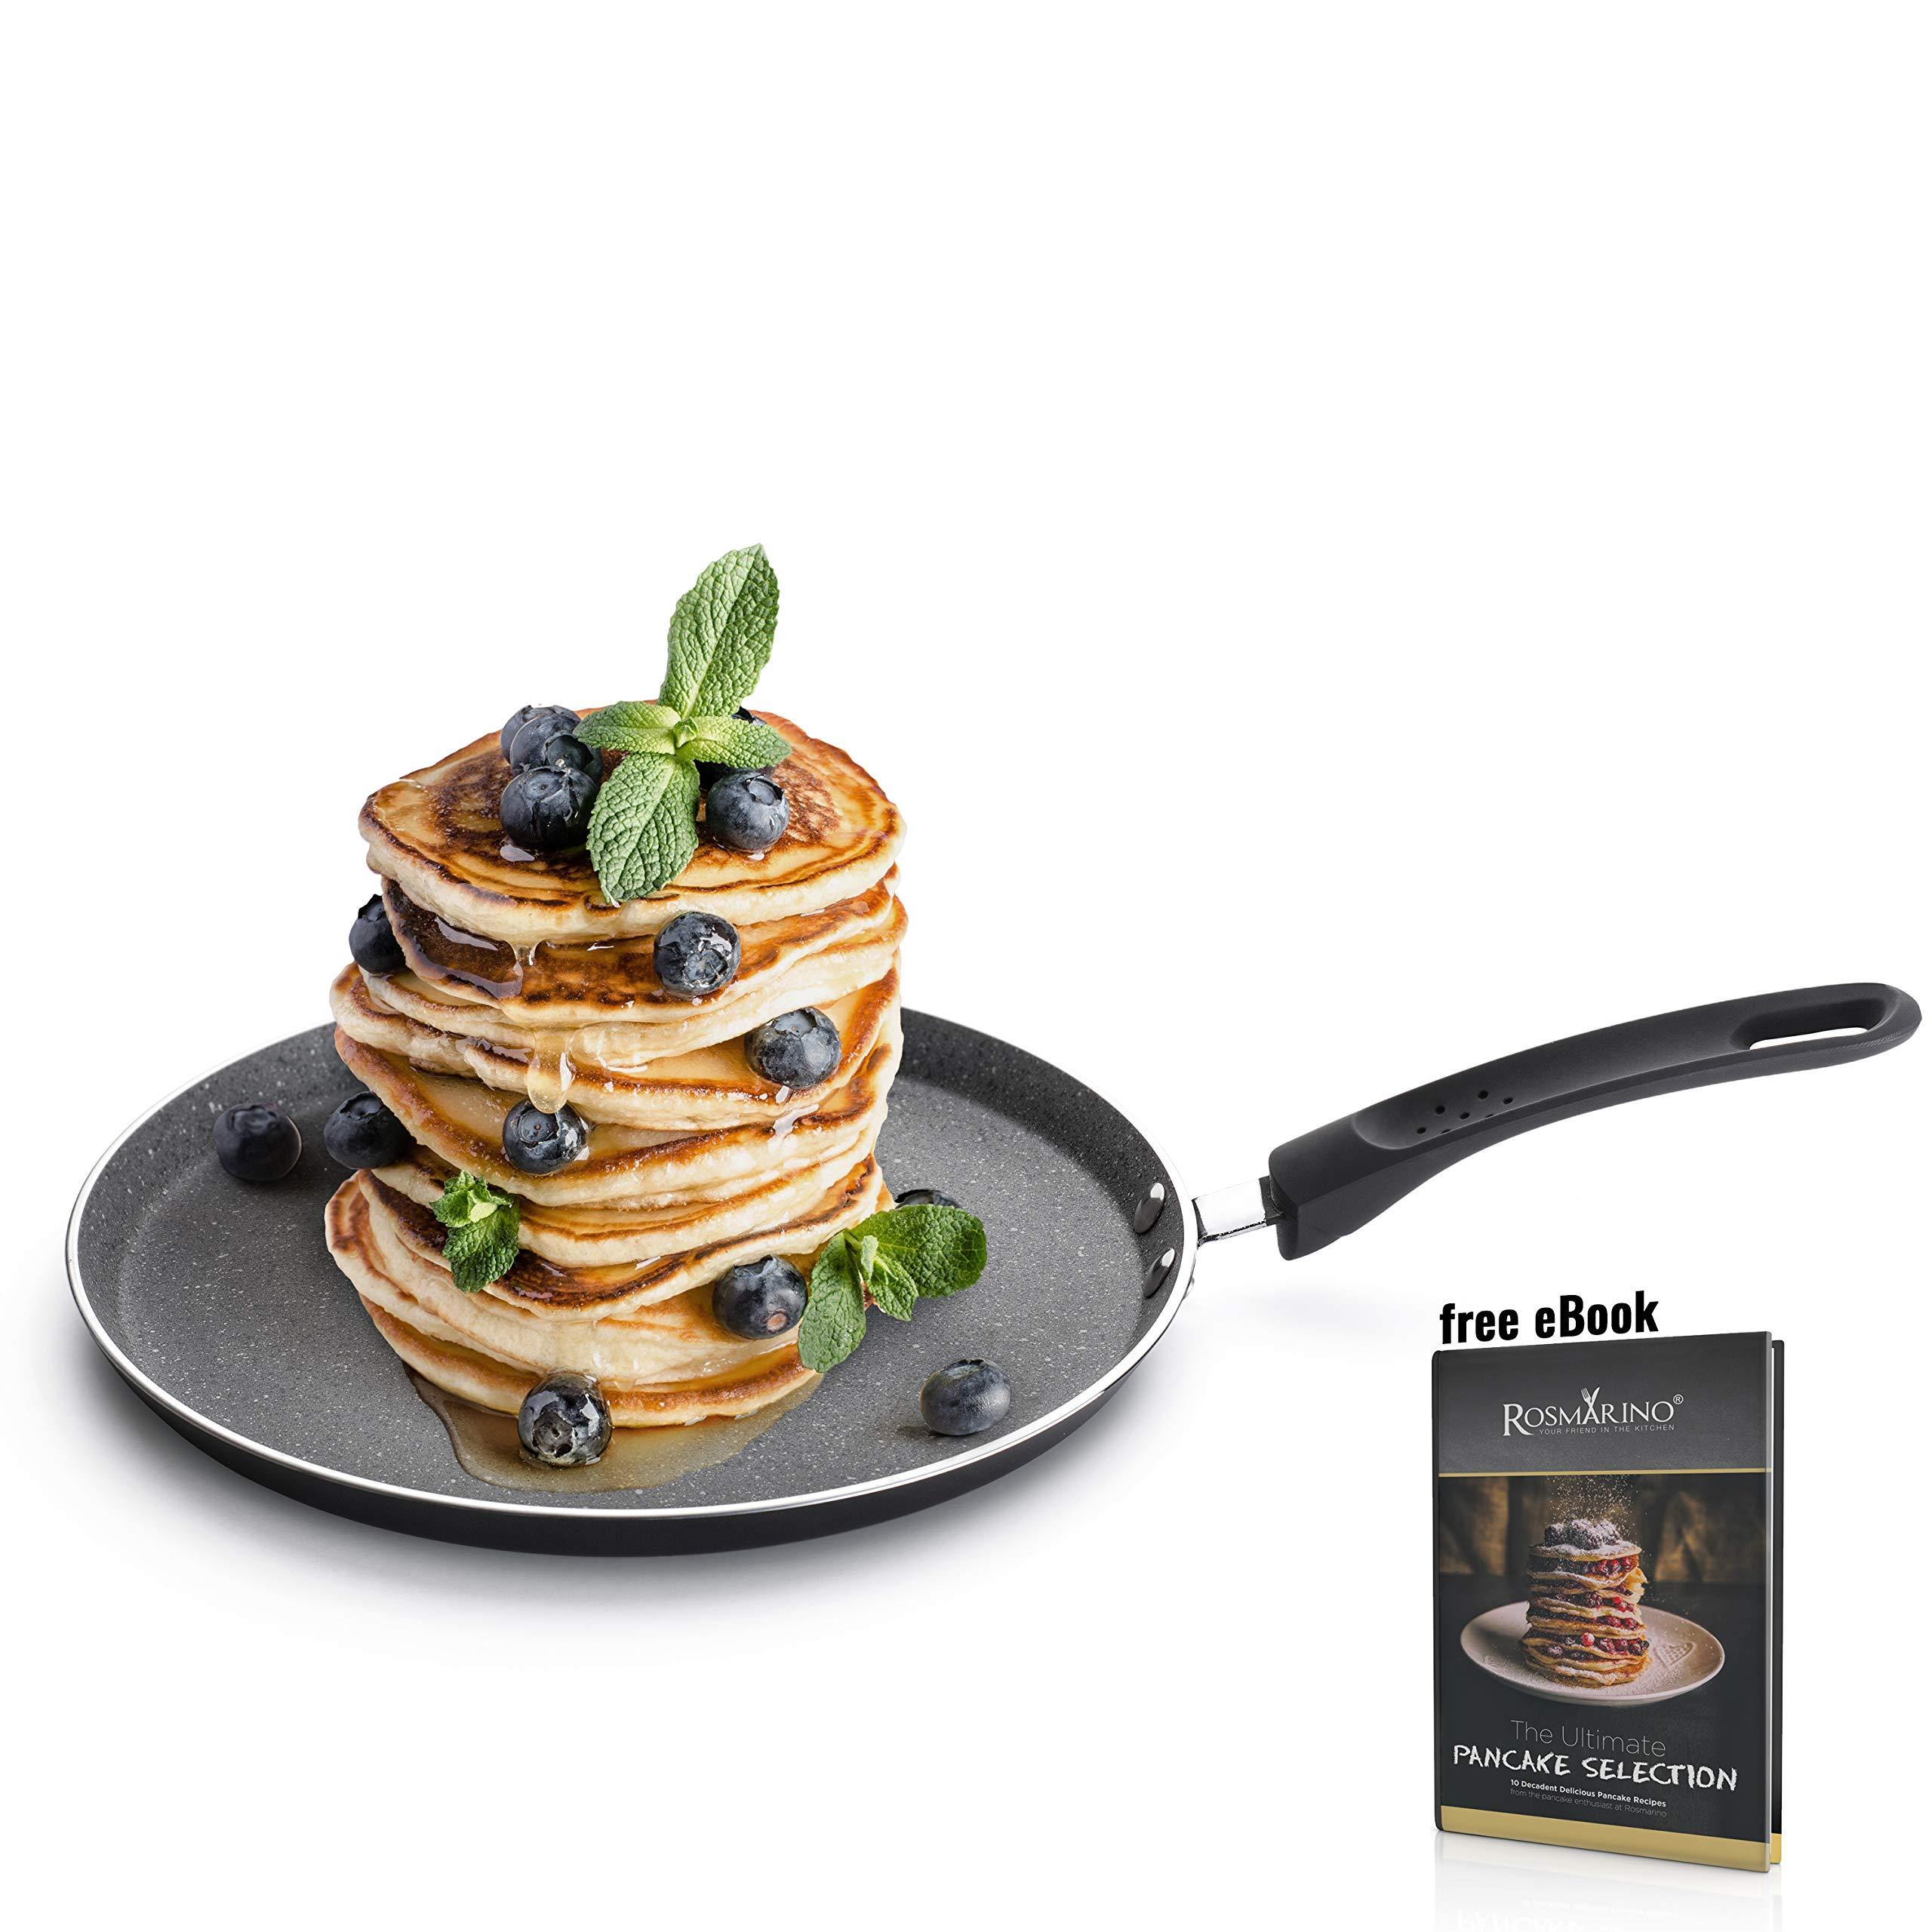 ROSMARINO sartén de induccion para crêpes y Tortitas 25cm I sartén crepera de Aluminio con Revestimiento